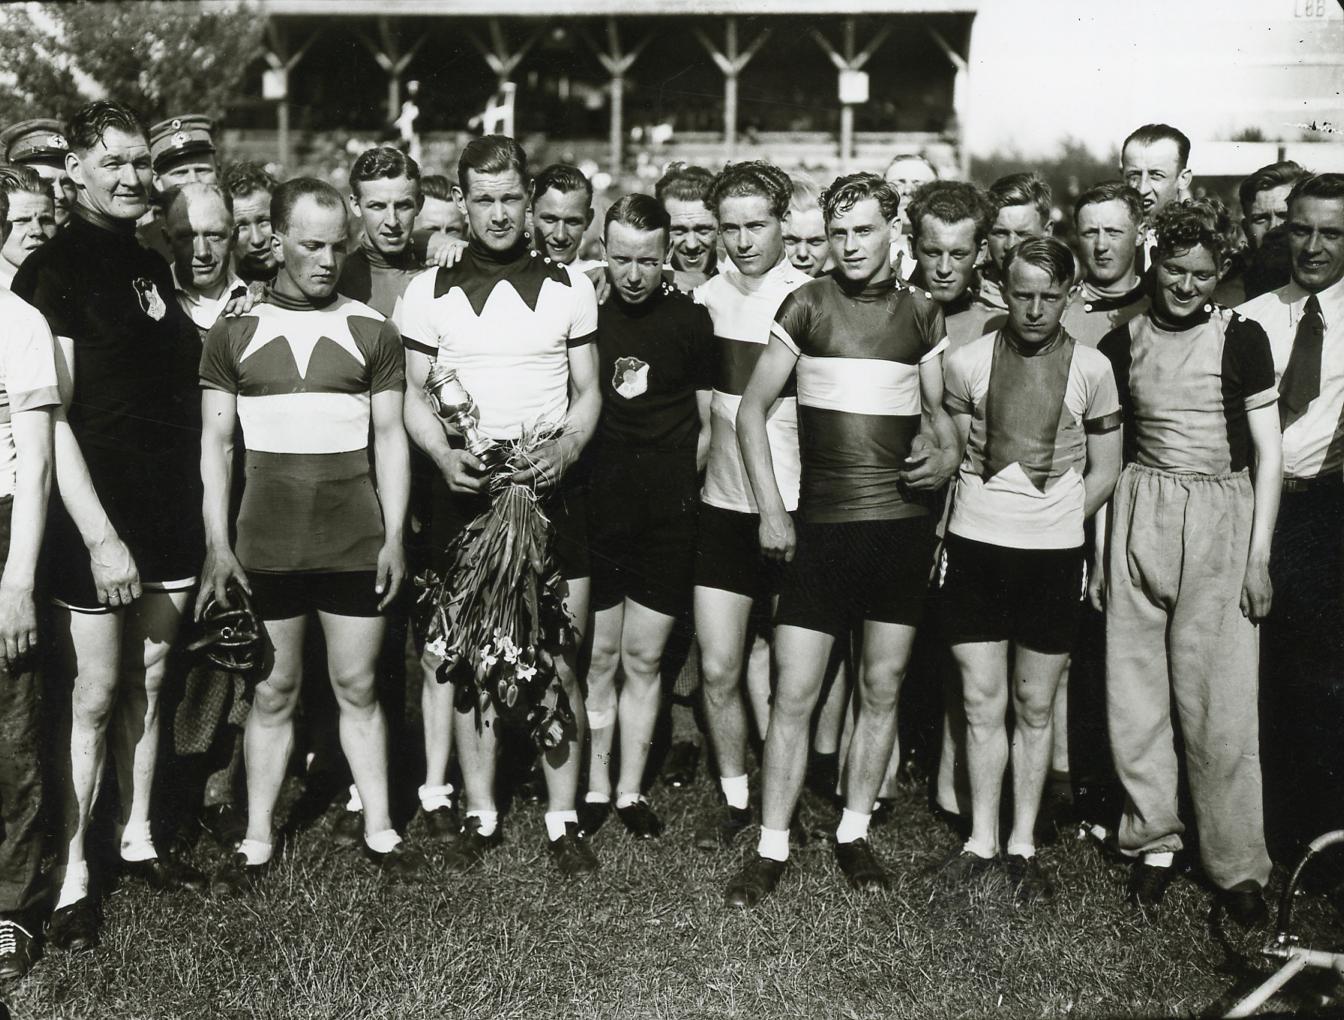 Fra venstre: Gerhard Friis, Børge Petersen, Dissing Rasmussen (KBH), Carl Holm Petersen, Kaj Nielsen, Emilius Gammelgaard, Ivan Hansen. Foto: Åge Fredslund Andersen.